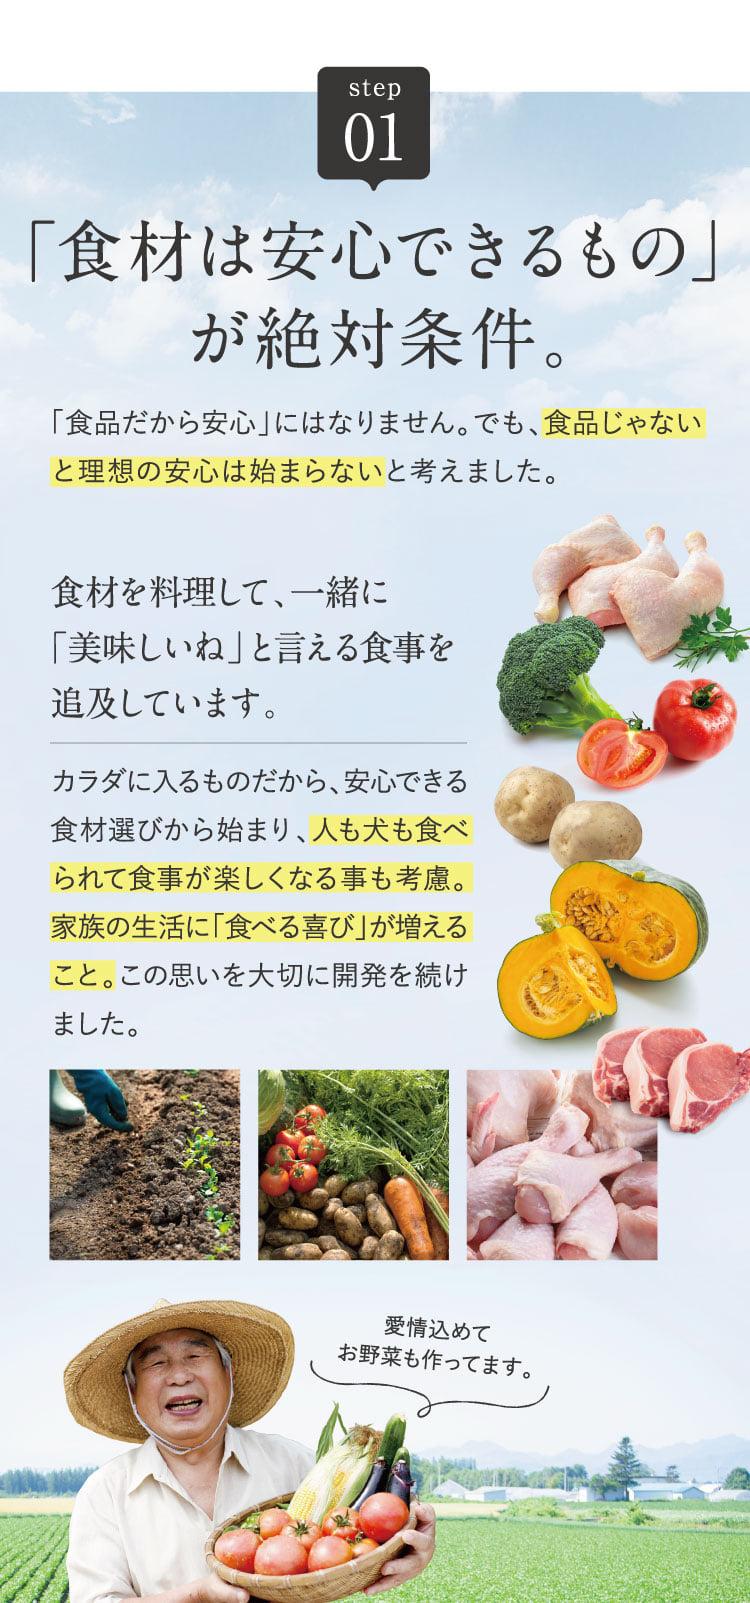 「食材は安心できるもの」が絶対条件。